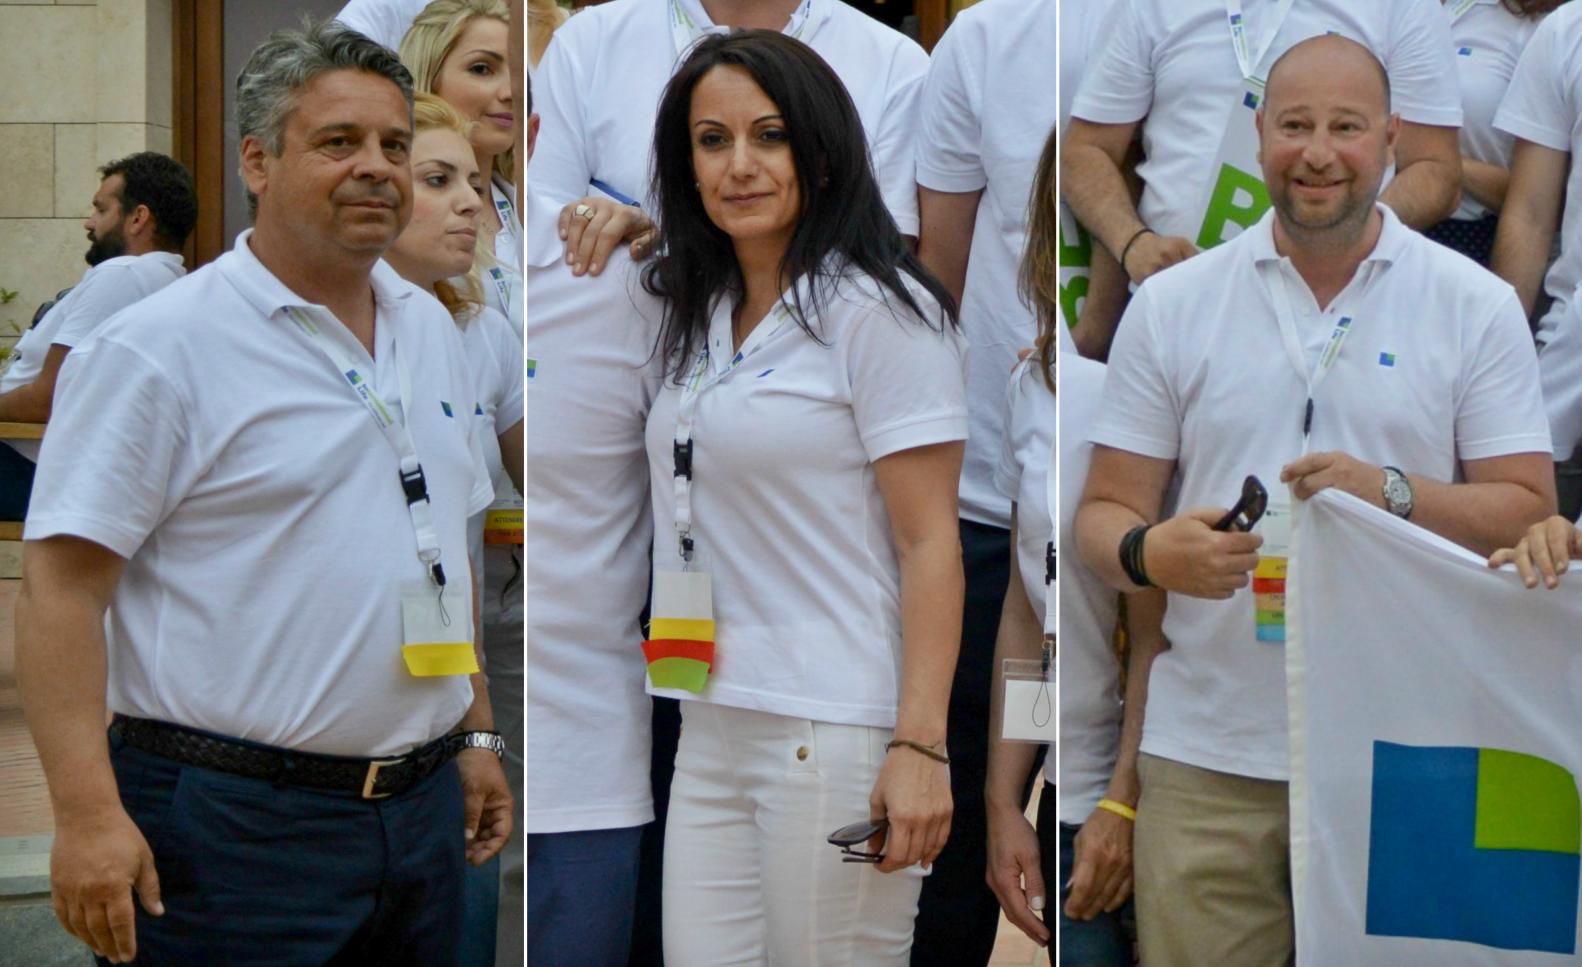 Από αριστερά: Κωστής Λιαρομμάτης (Επιθεωρητής), Αθηνά Πεφανίου & Κωνσταντίνος Φλόκας. Οι φωτογραφίες τον προσώπων είναι από την ετήσια εκδήλωση του agency της International Life το 2015 στο Costa Navarino